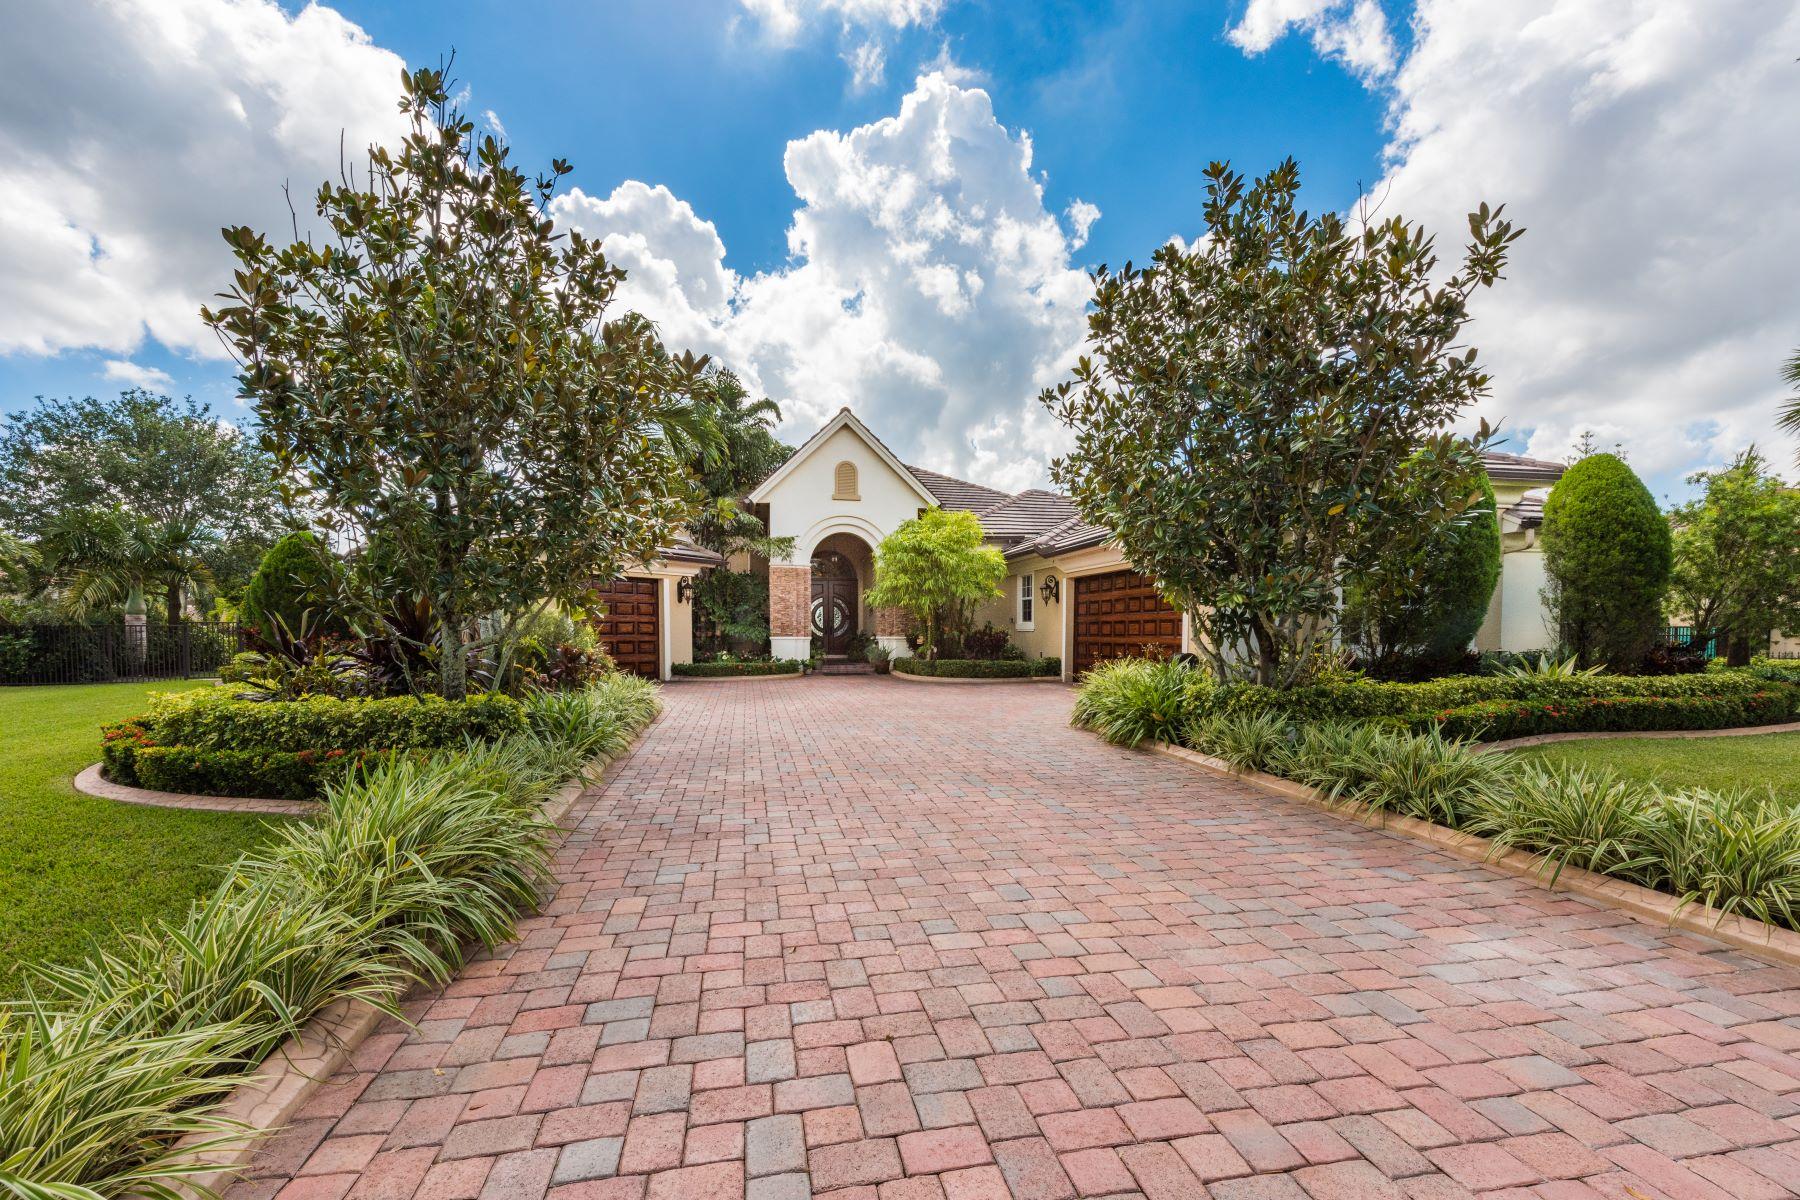 Einfamilienhaus für Verkauf beim 14410 N Jockey Cir 14410 N Jockey Cir Davie, Florida 33330 Vereinigte Staaten